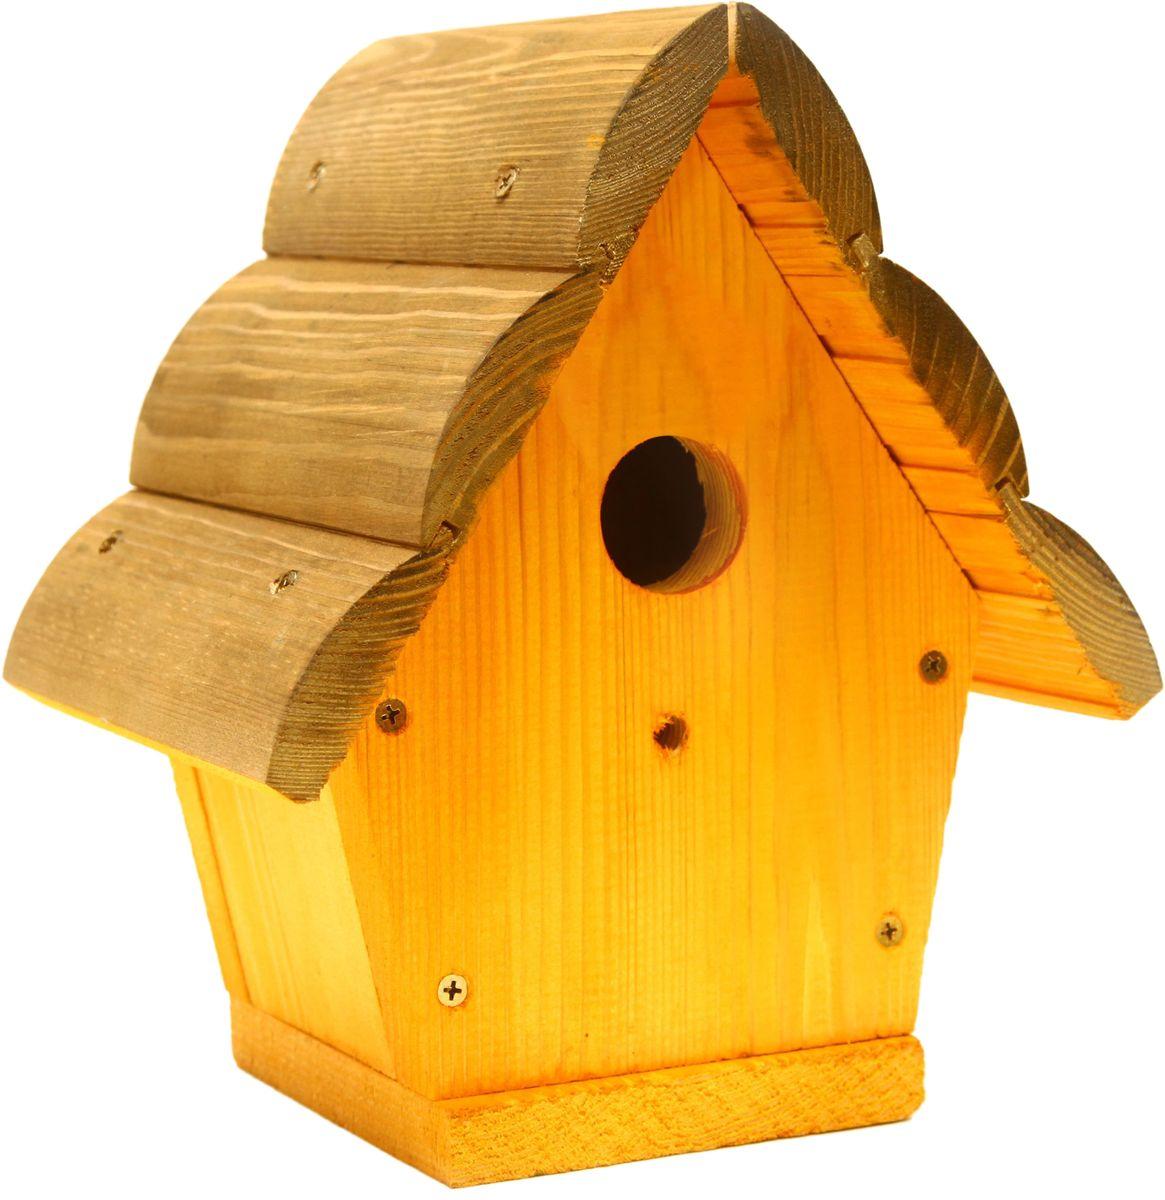 Домик для птиц Proffi. PH8475531-402Домик для птиц Proffi выполнен из дерева. Изделие предназначено для укрытия или послужит кормушкой для птиц. Такой домик украсит ландшафт вашего приусадебного участка, придаст ему оригинальность и самобытность или станет отличным дополнением к клетке.